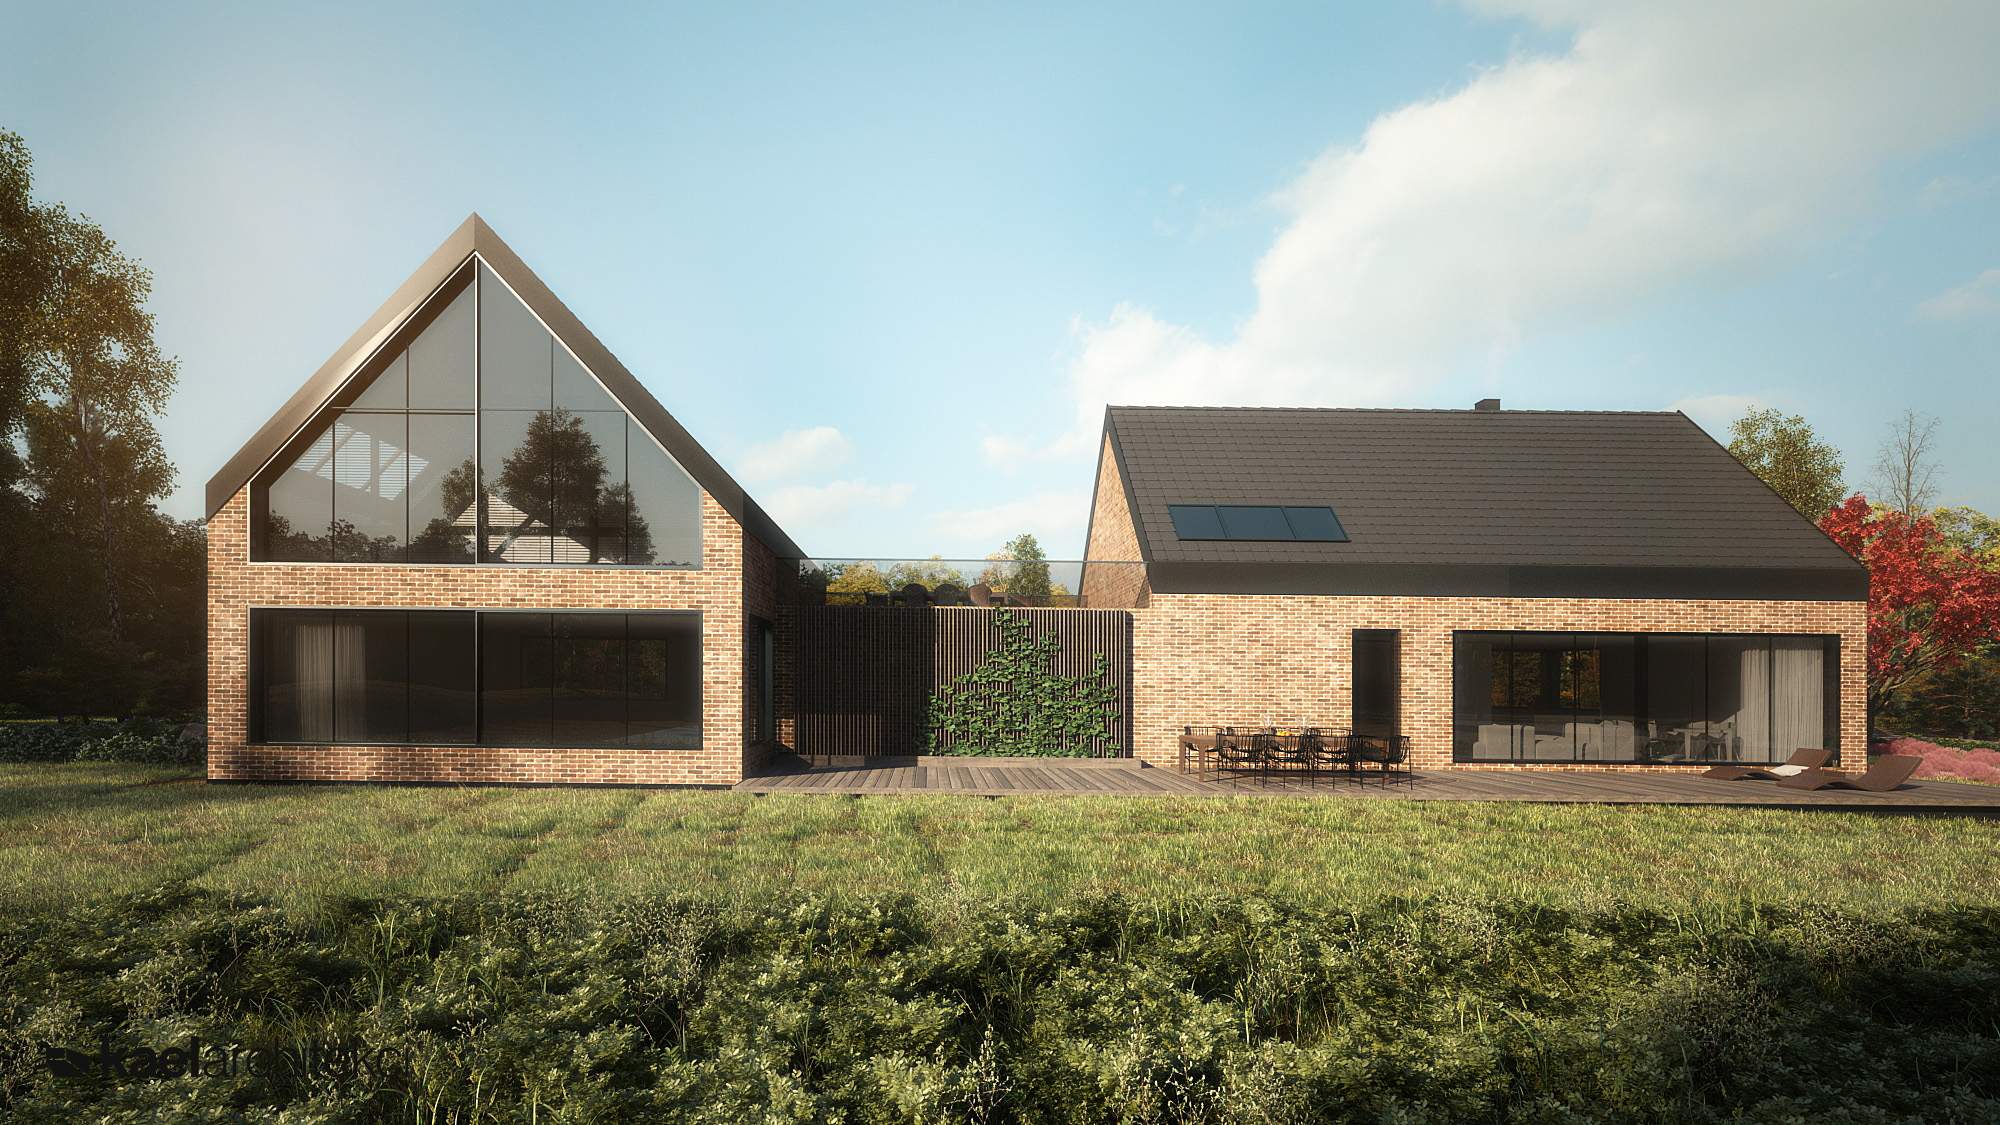 Dom jednorodzinny projektu pracowni KAEL Architekci